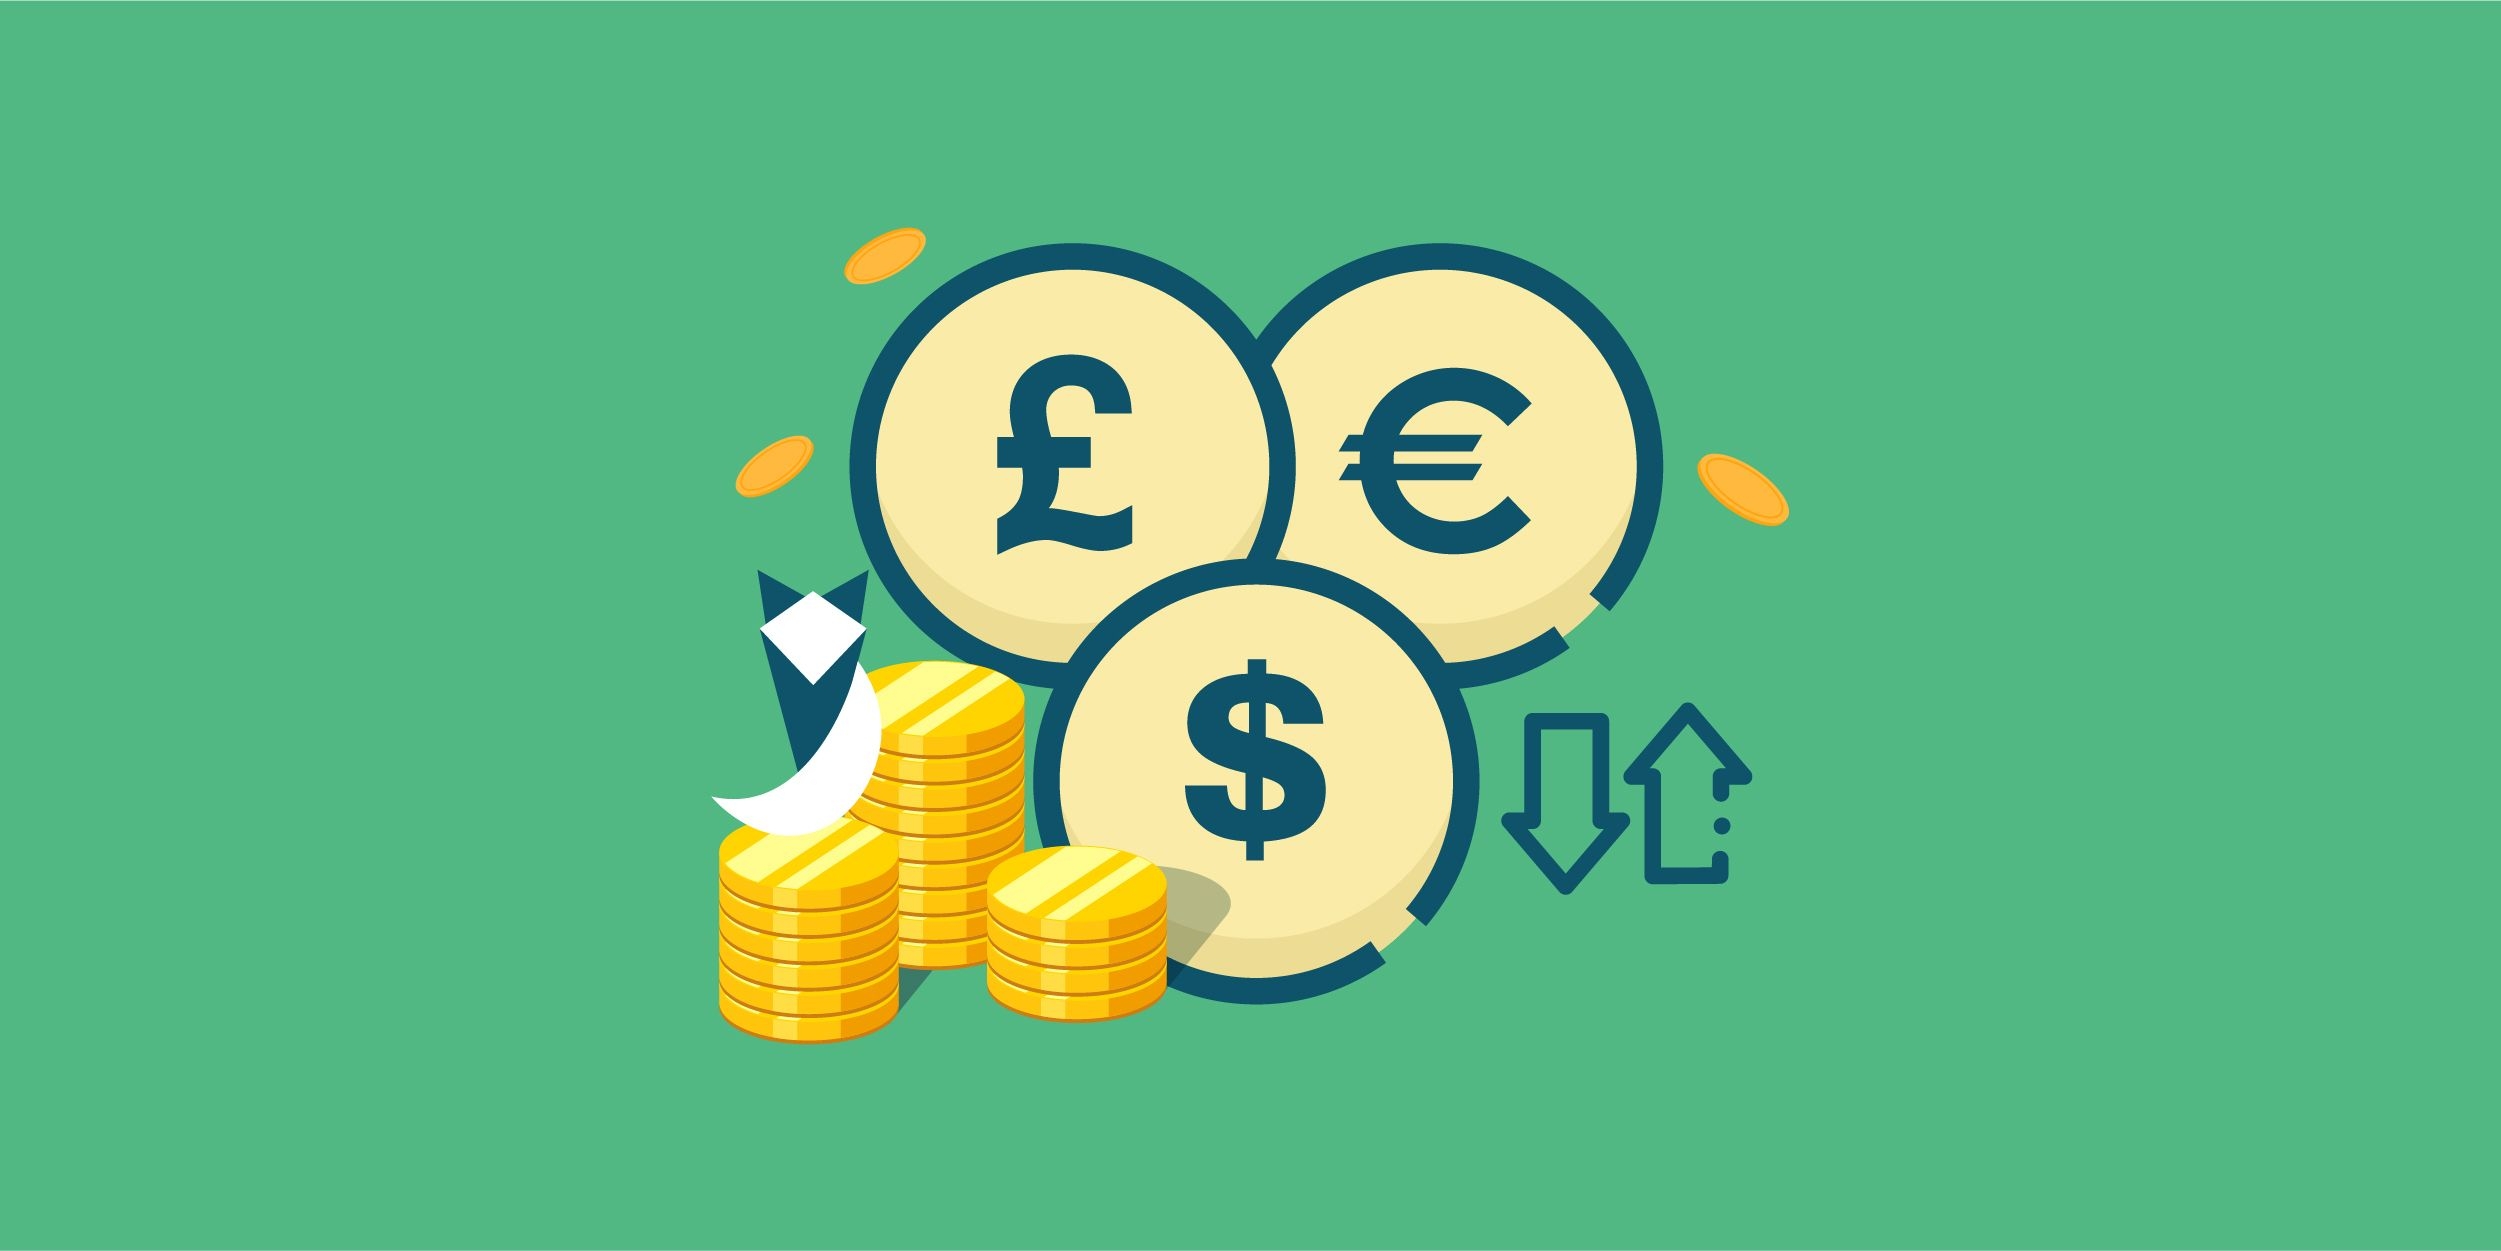 أسعار العملات الأجنبية اليوم: الأحد 22 أغسطس 2021